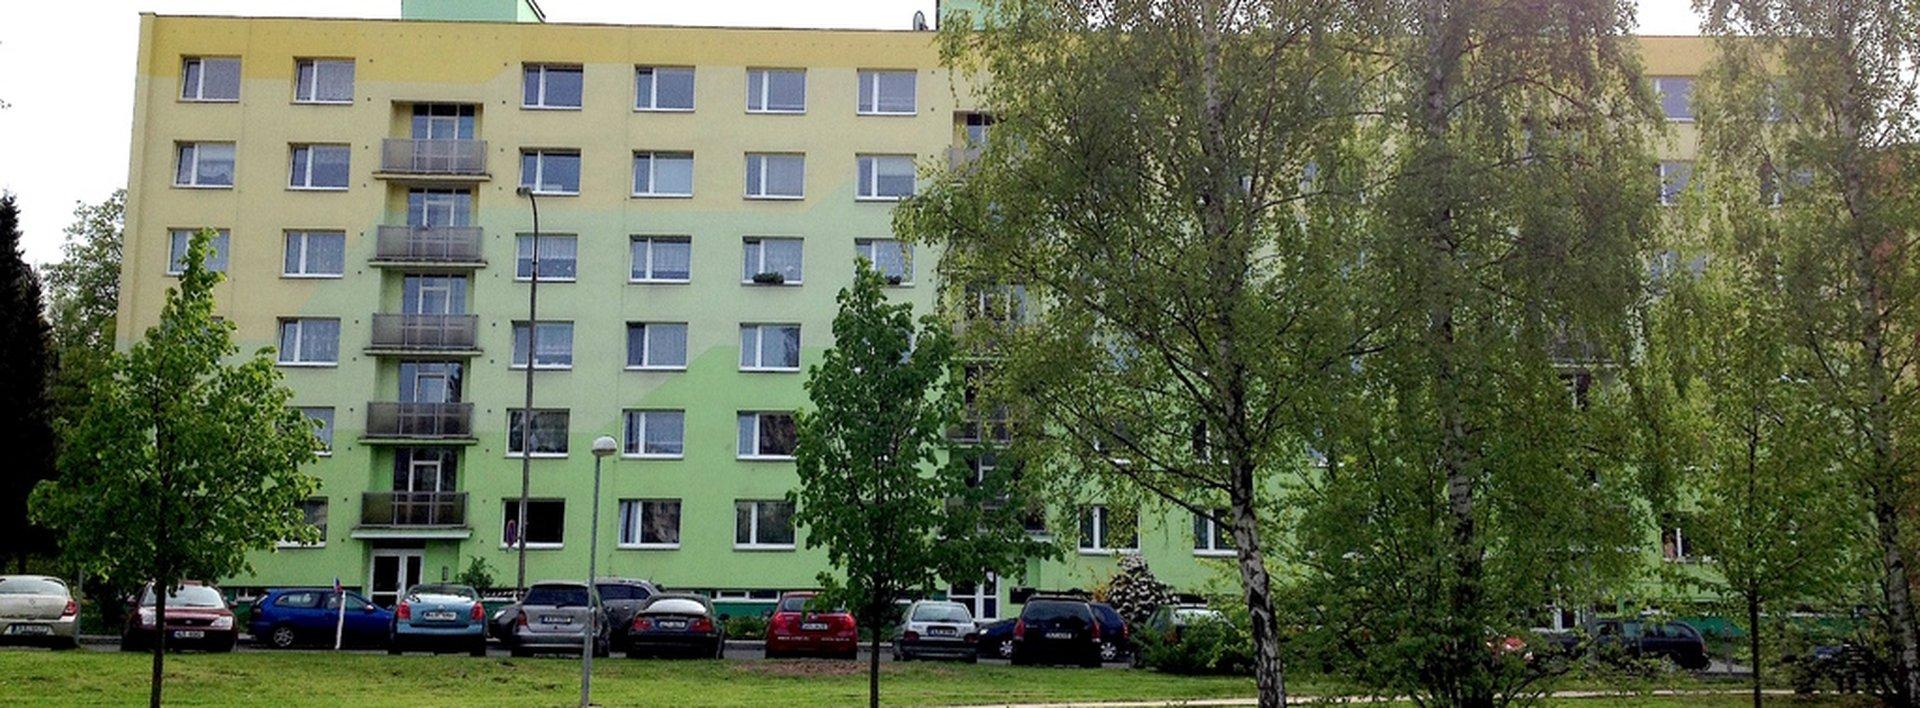 Prodej slunného bytu 5+1+L, 92m² - Jablonec n/N., Nová Pasířská, Ev.č.: N47164